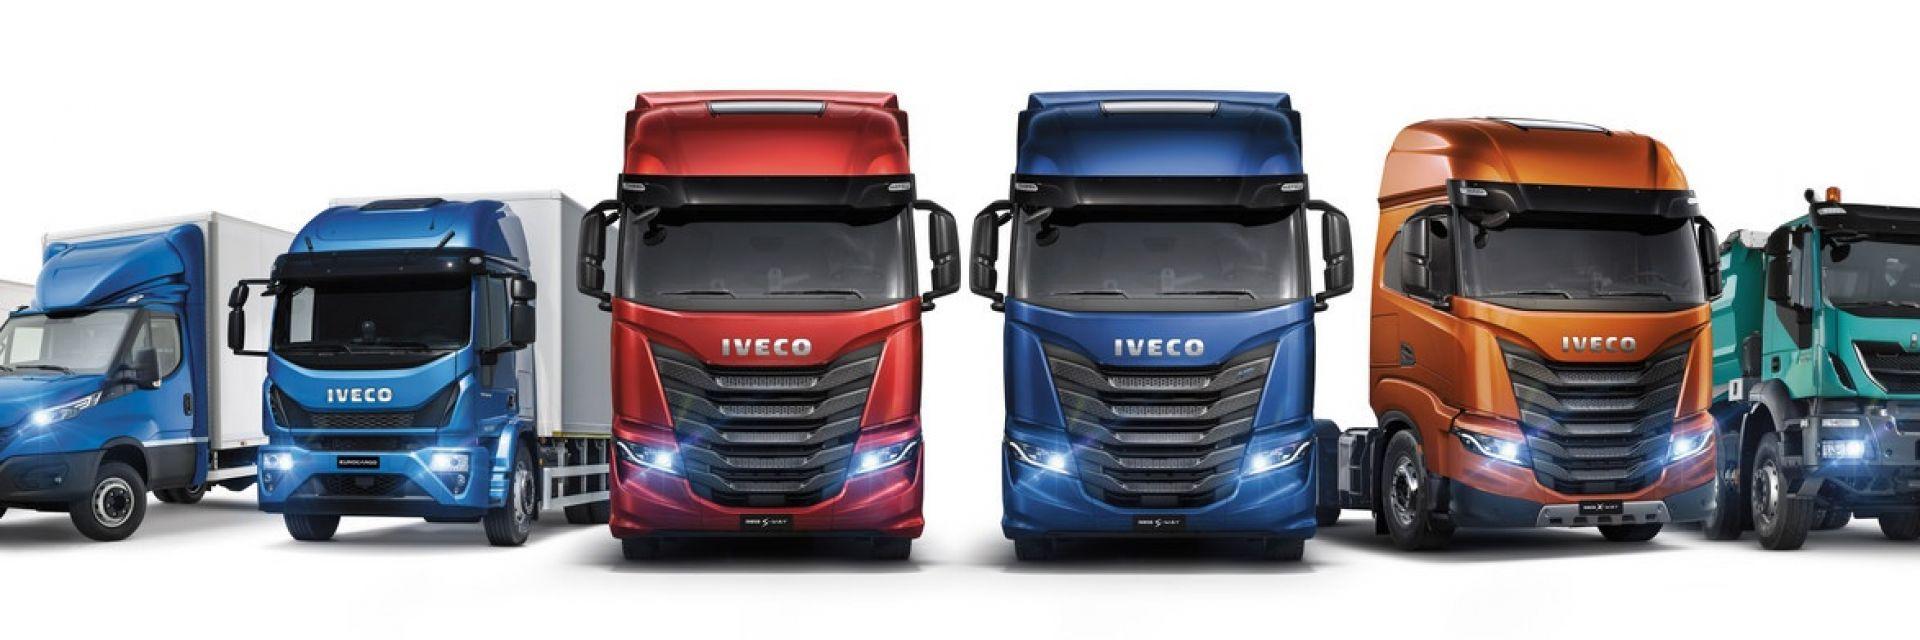 Iveco: Complete range voertuigen van 3.5 ton tot en met 50 ton!